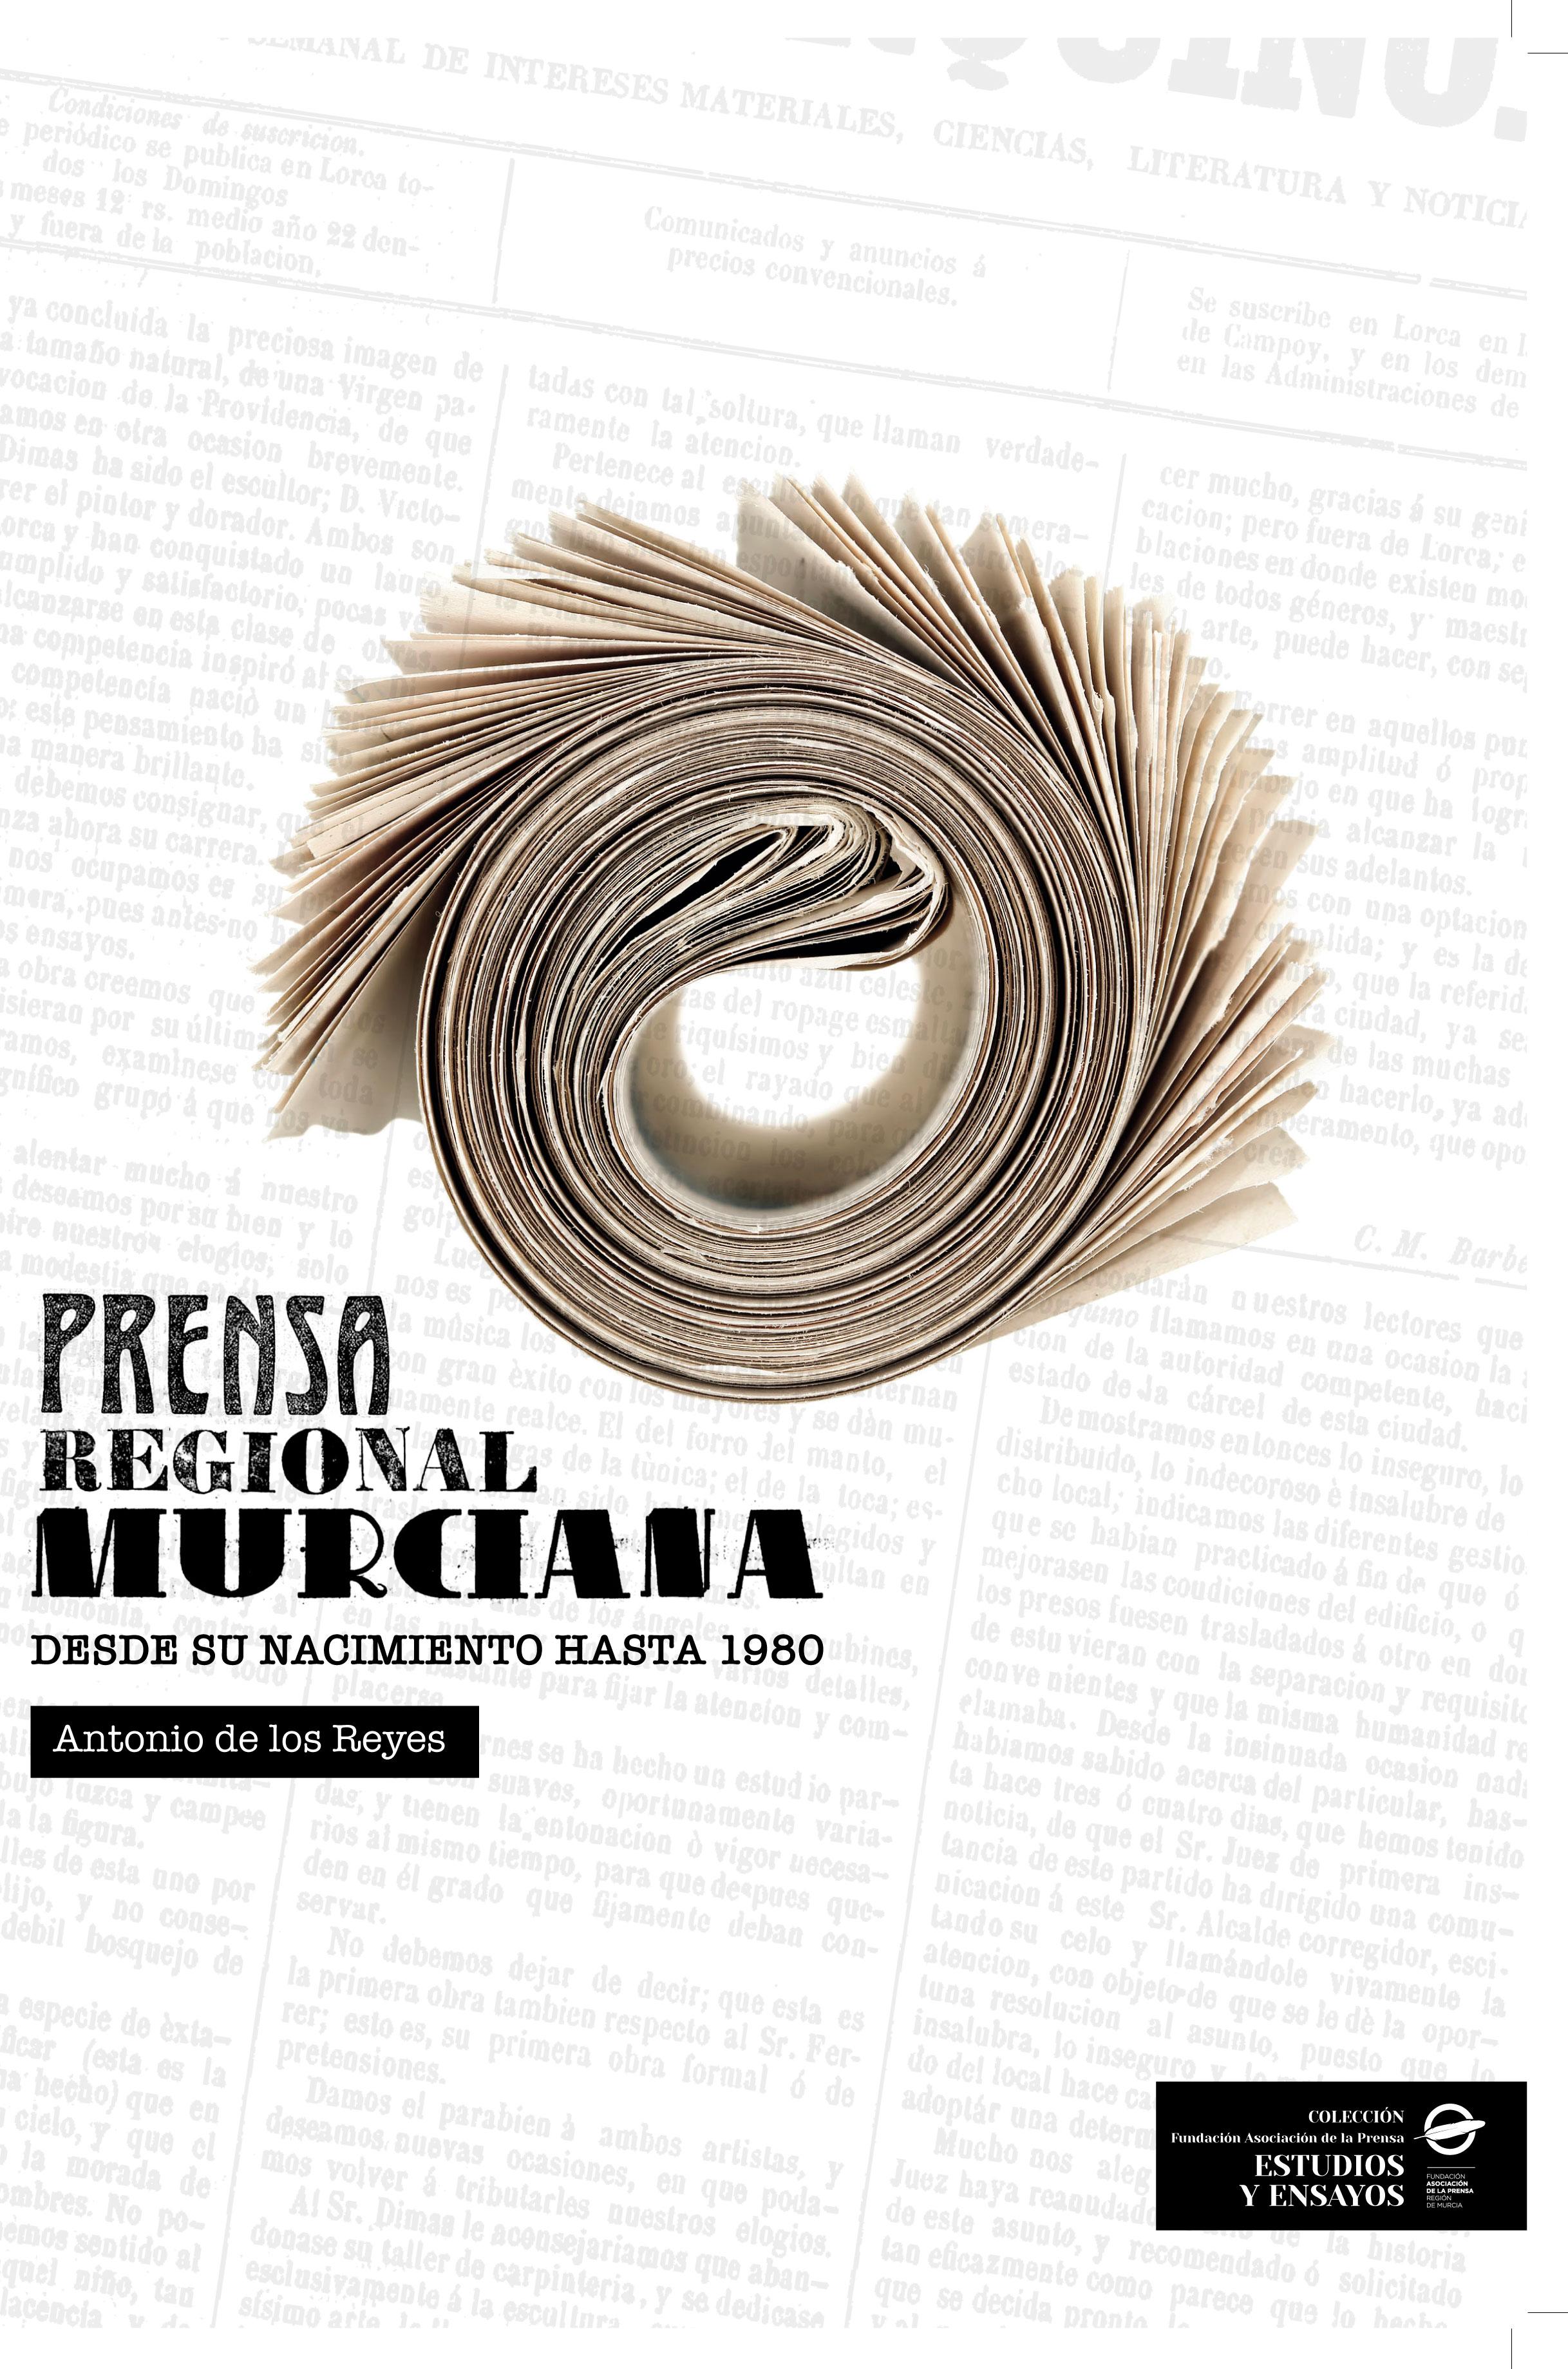 Prensa Regional Murciana desde su nacimiento hasta 1980